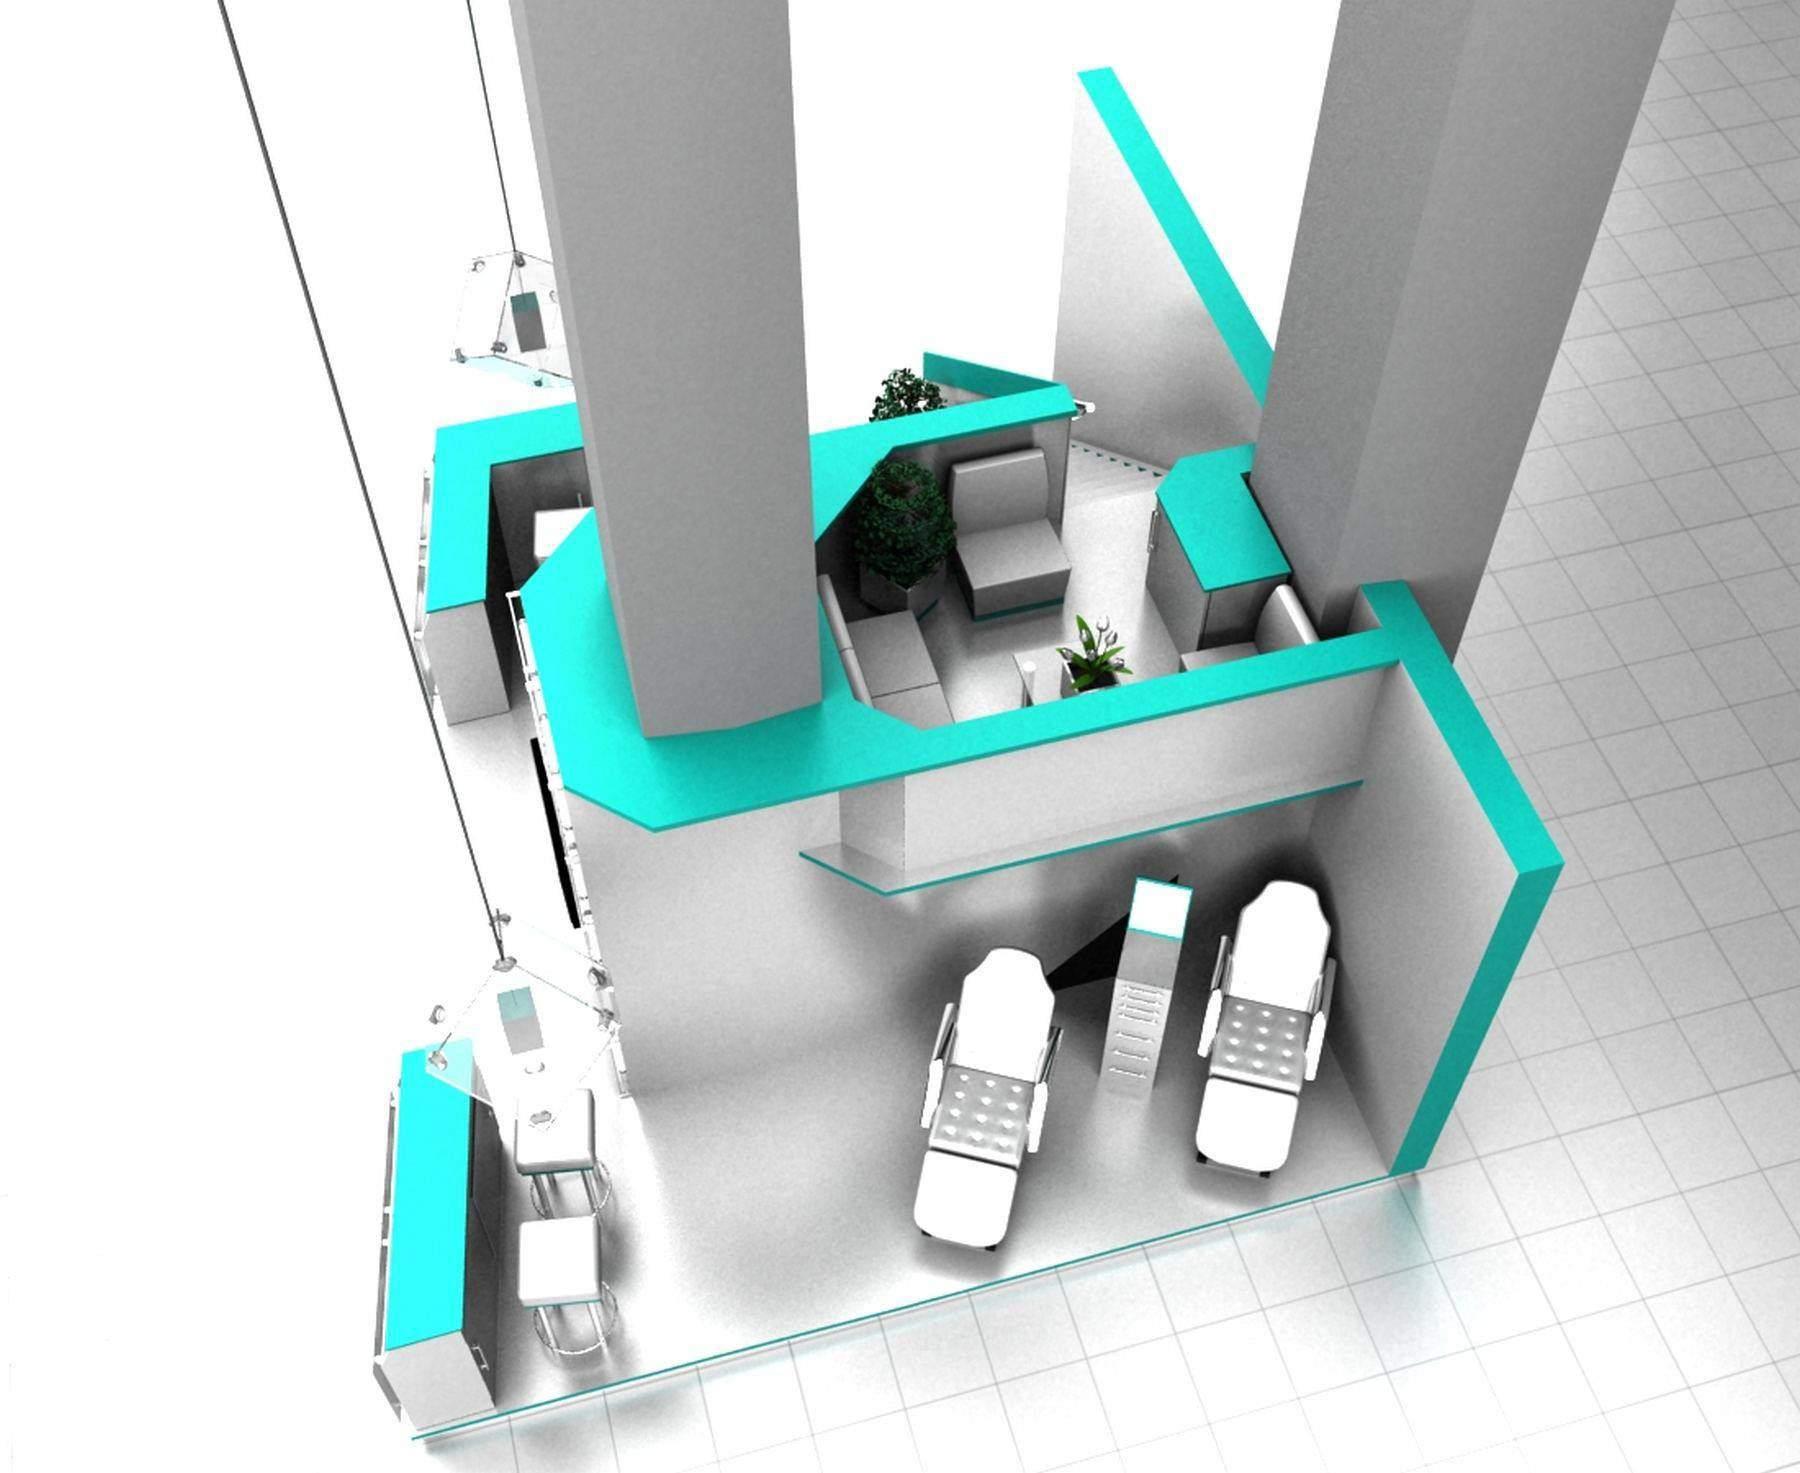 моделирование конструкции выставочного стенда портфолио